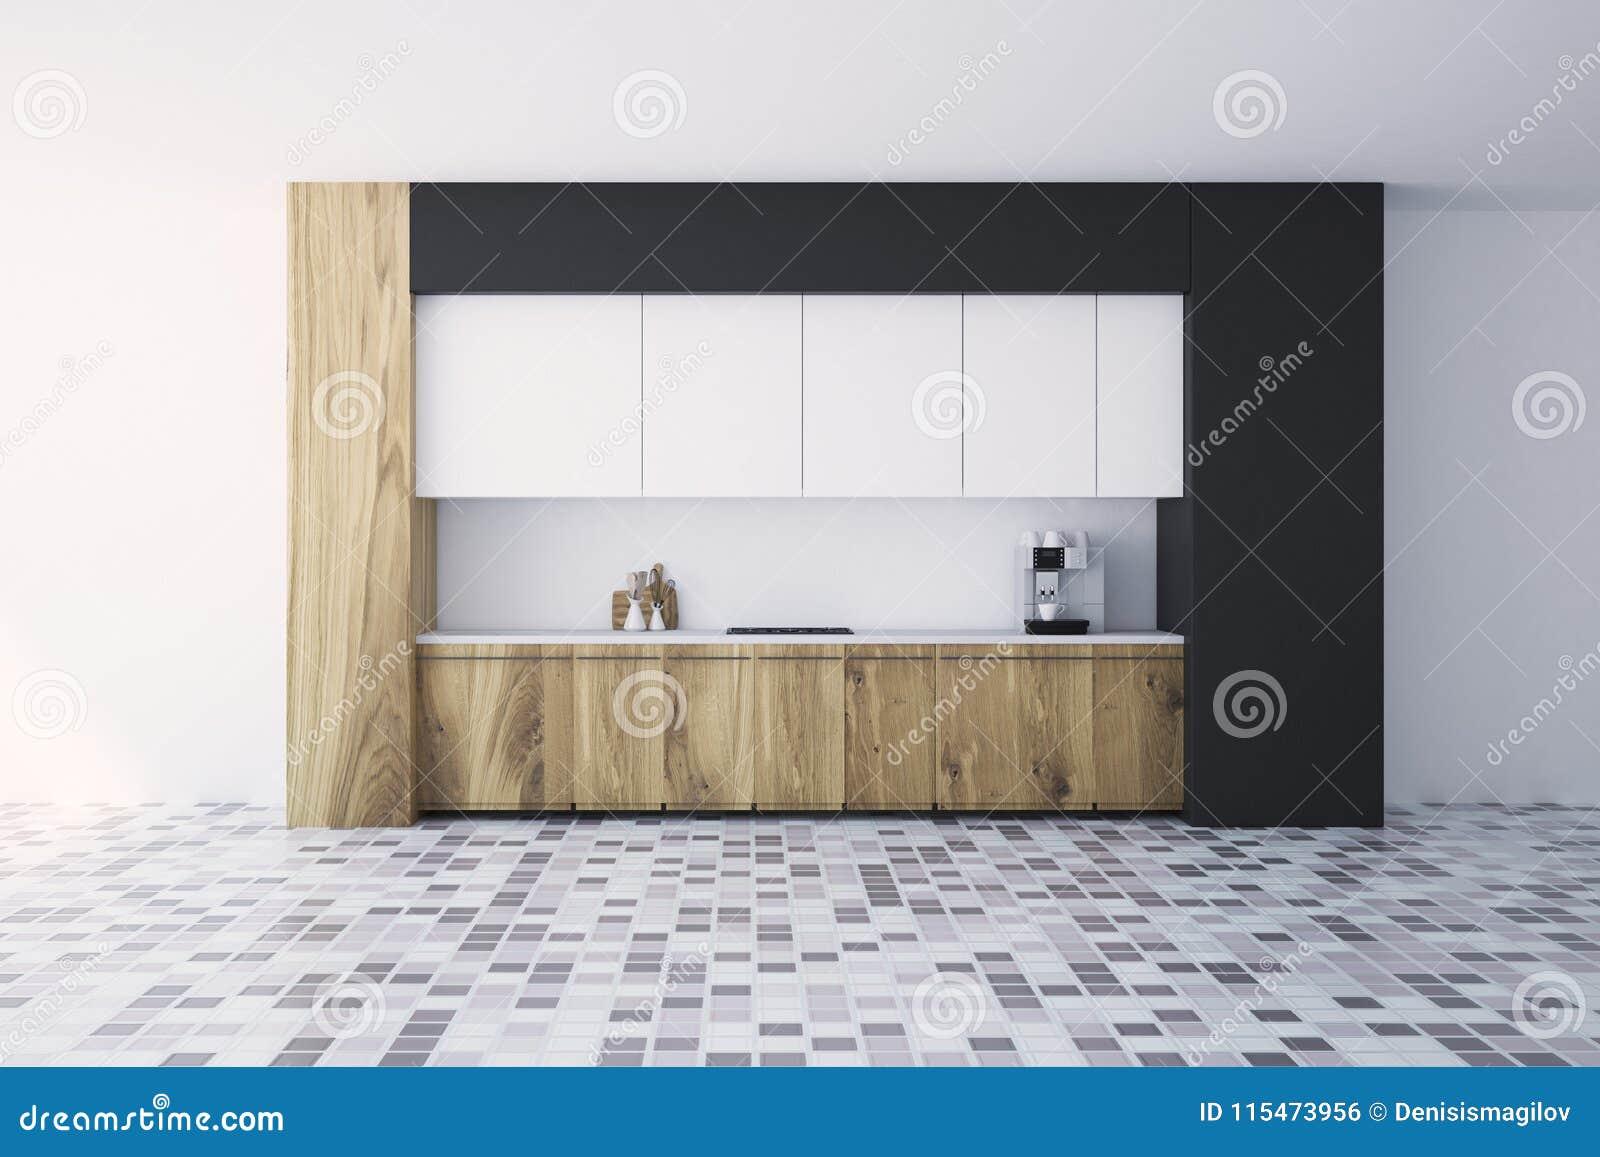 Cucina Bianca E Nera Interna, Vista Frontale Illustrazione ...